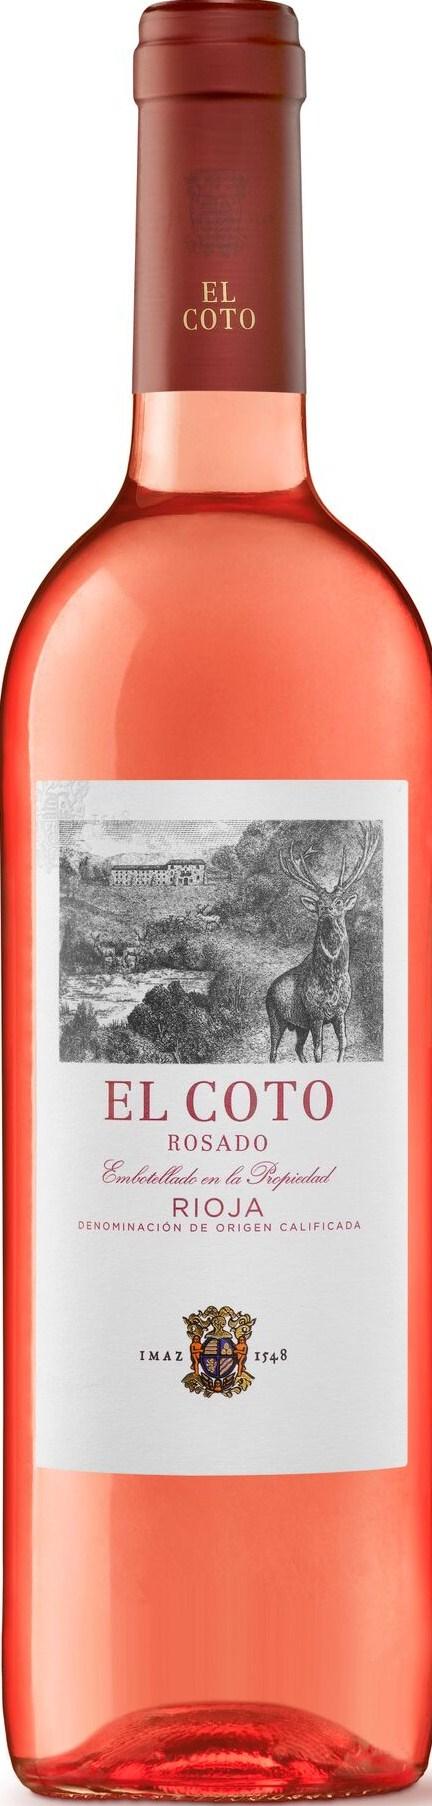 El Coto Rosado Rioja D.O.C. 2015